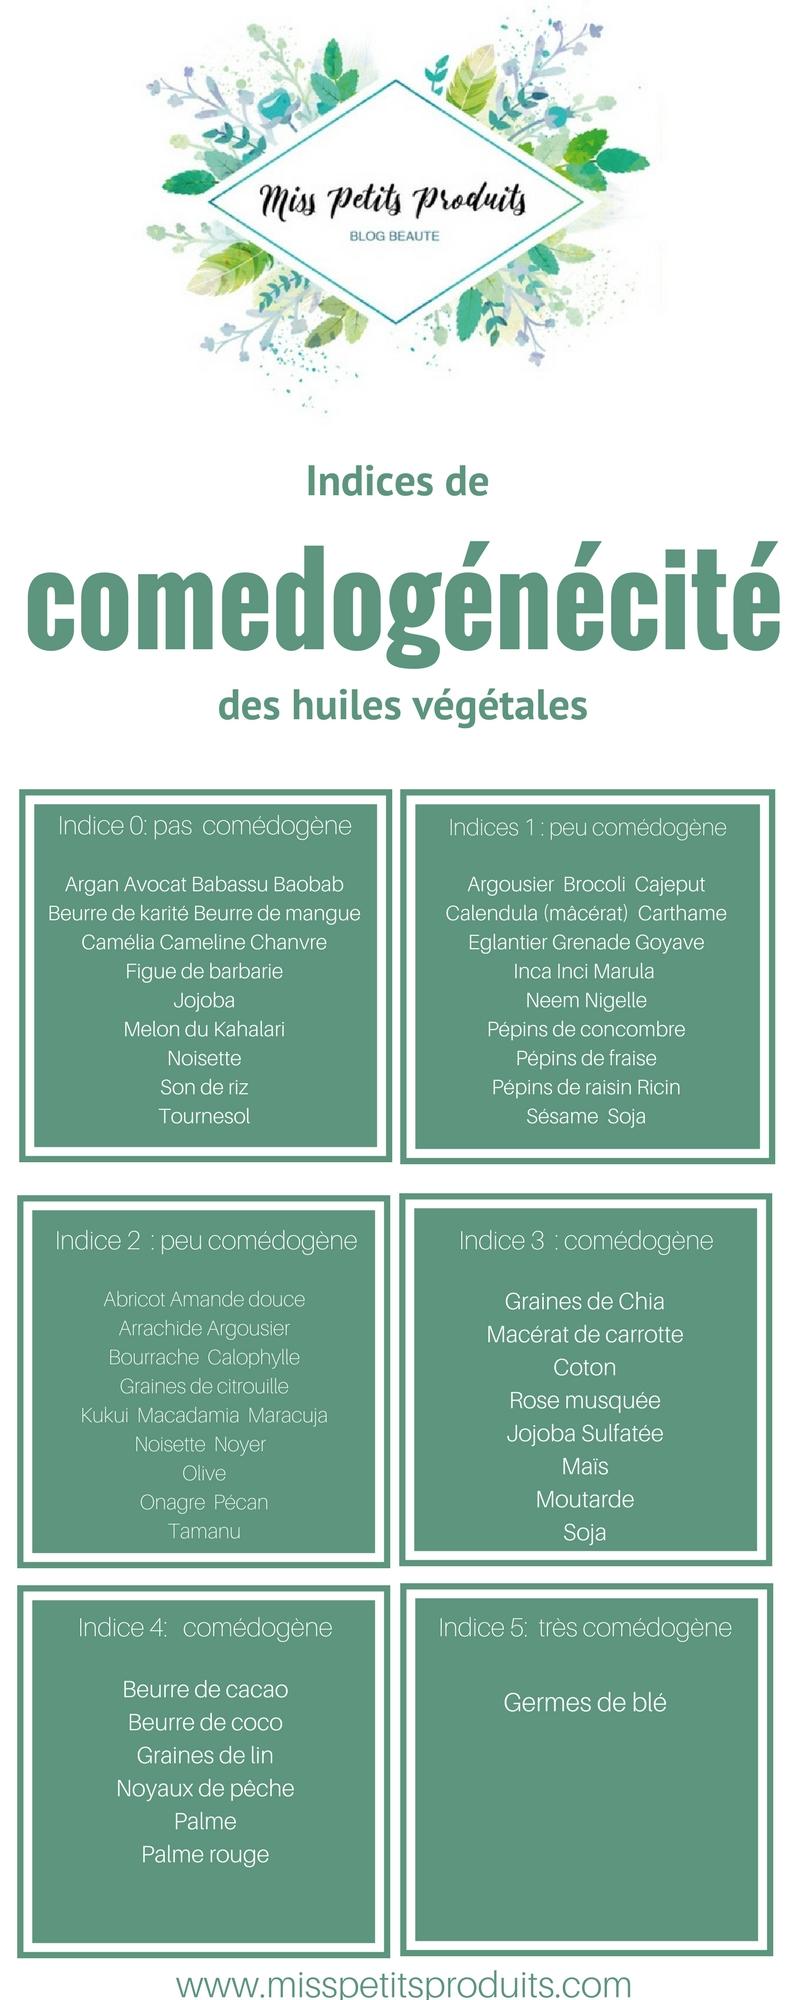 liste des huiles végétales comédogènes